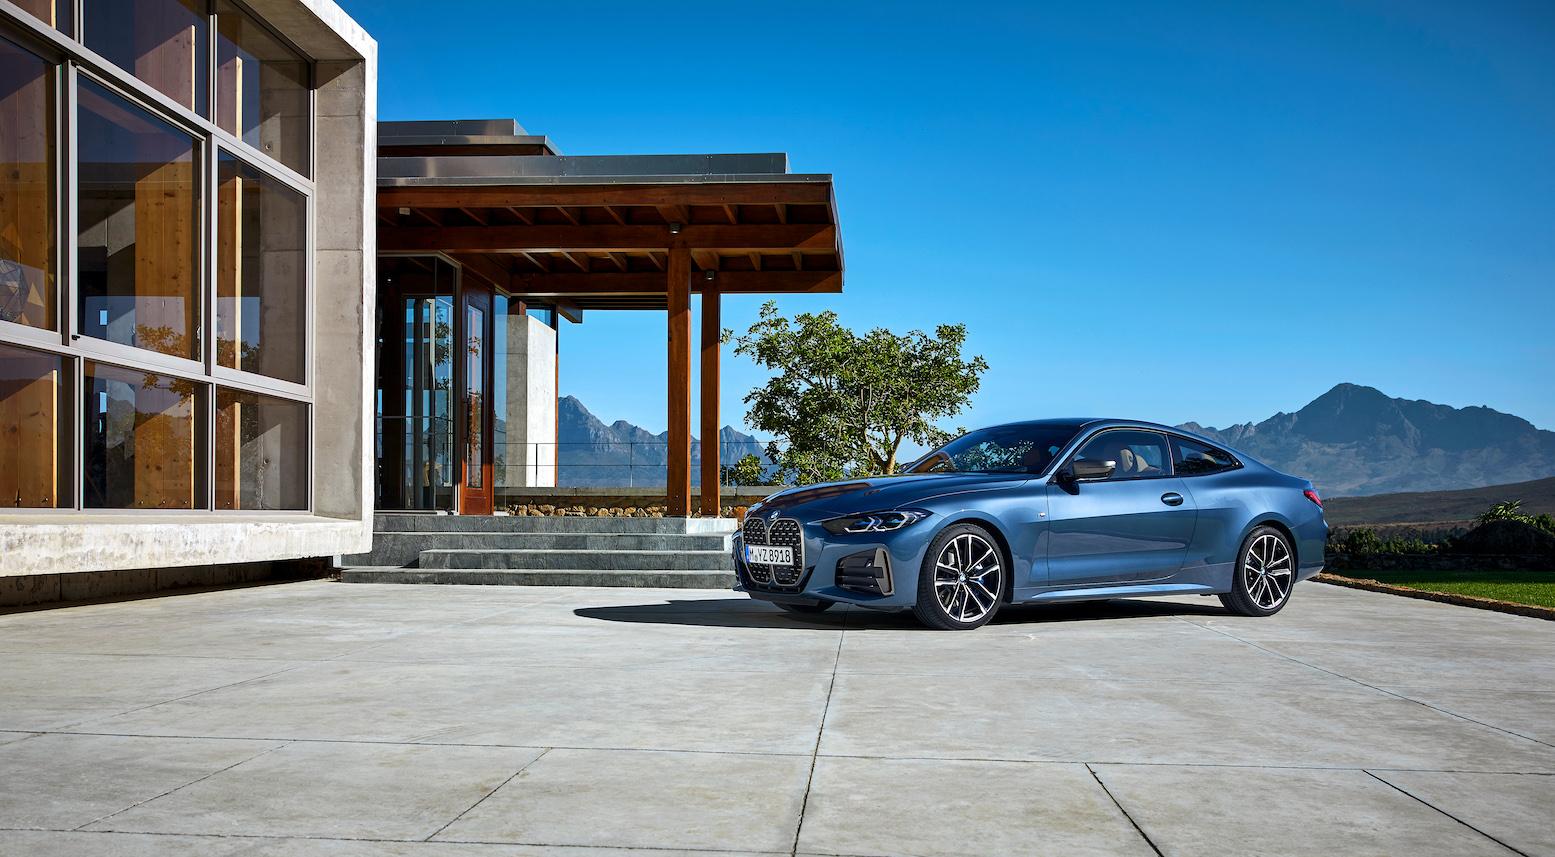 Nuevo BMW Serie 4, llega totalmente renovado. ¡Descúbrelo!